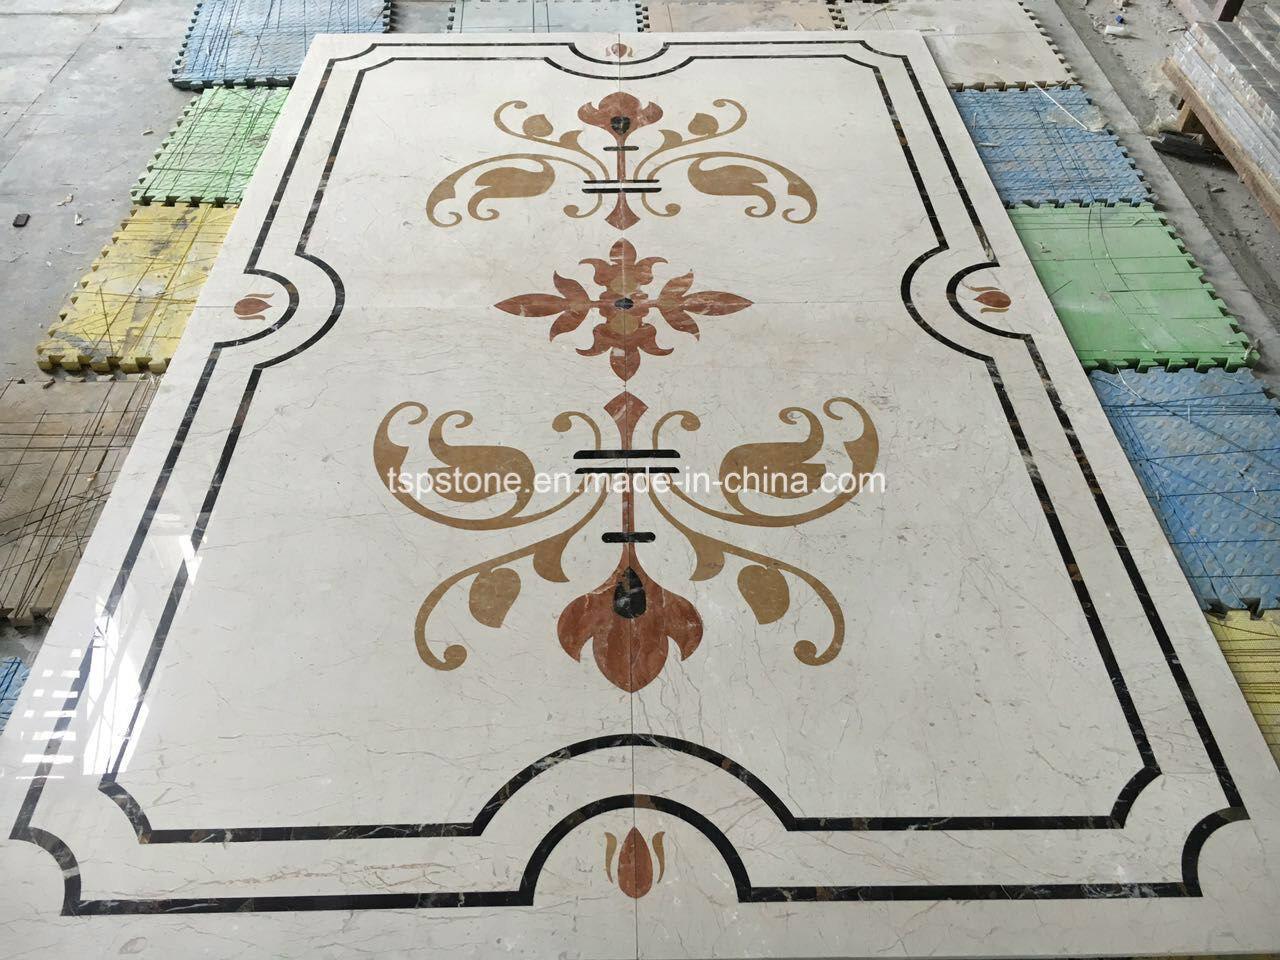 Fußboden Fliesen Streichen ~ Fußboden fliesen muster bodenfliesen in betonoptik fliese titan